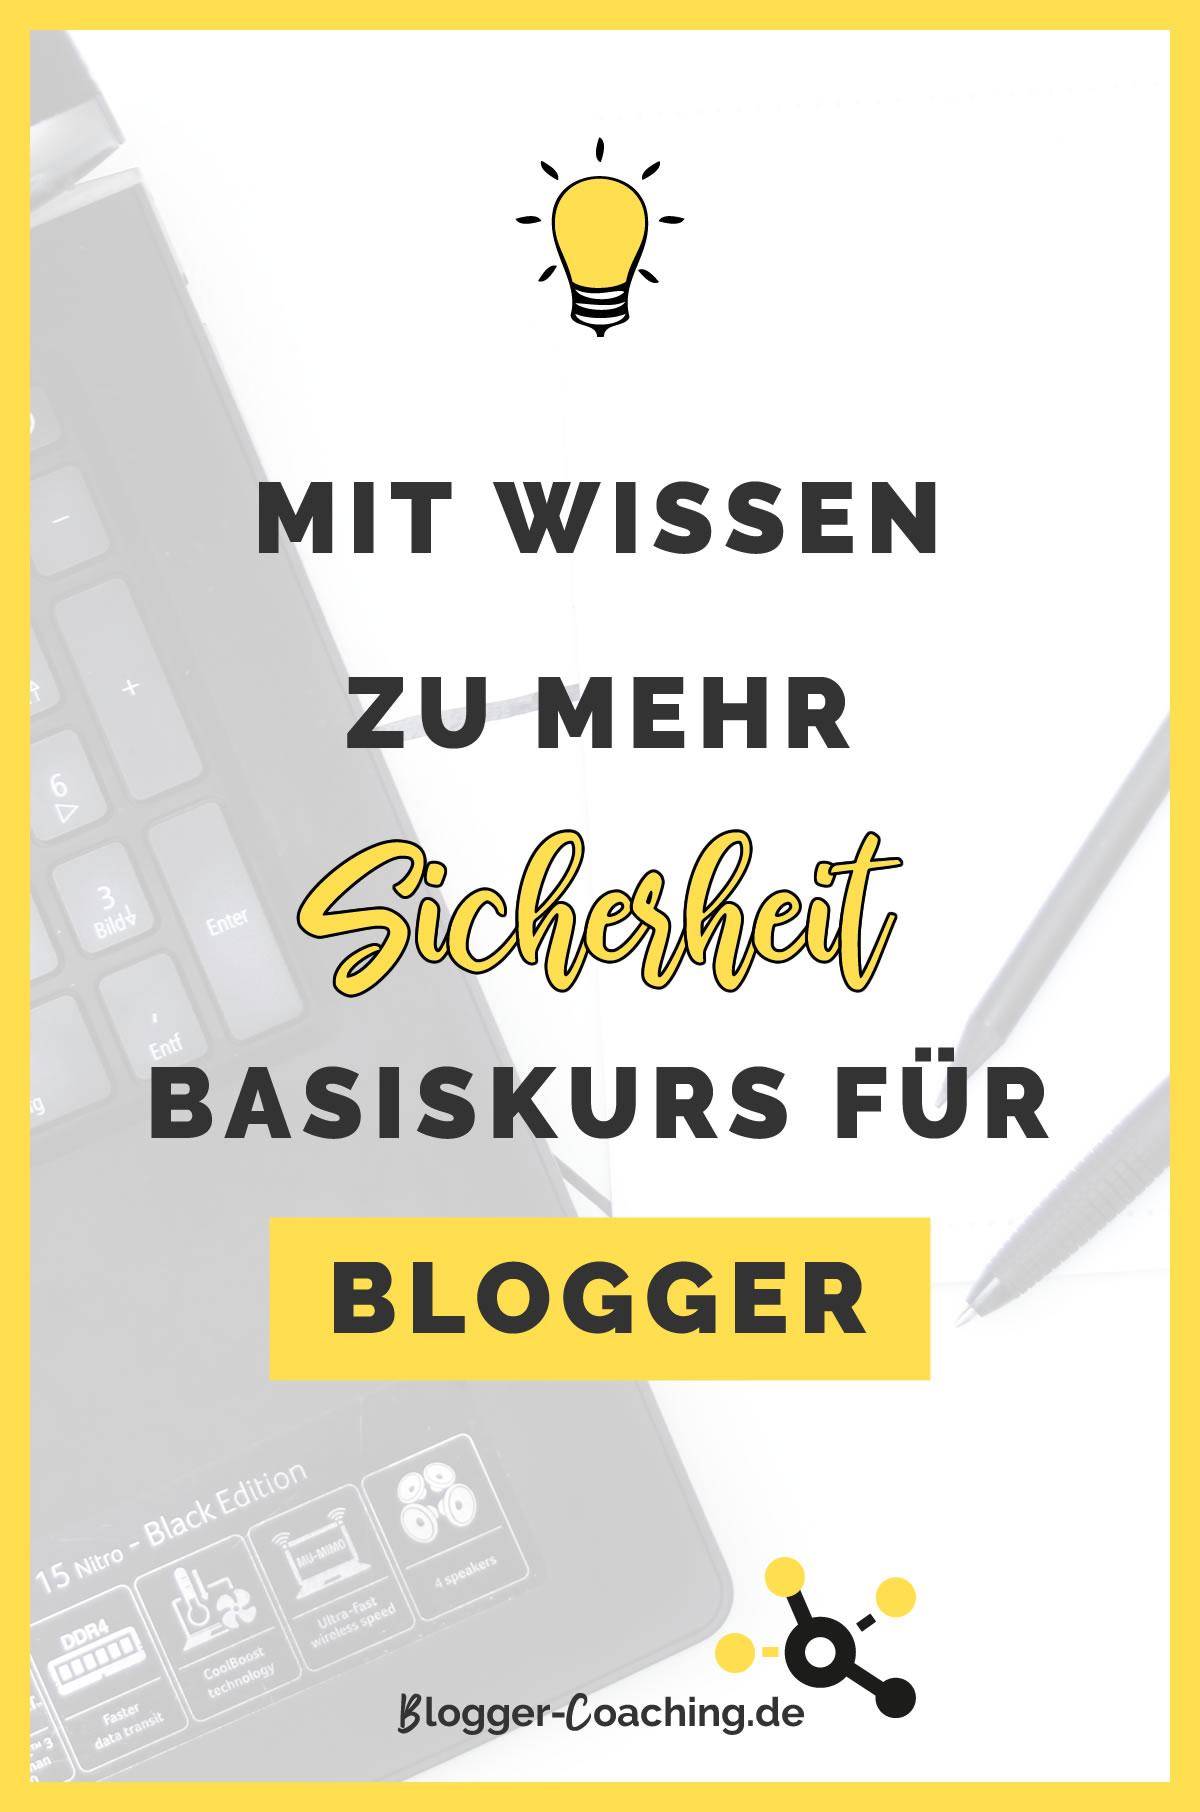 Blogger Basiskurs – Lerne dein System kennen | Blogger-Coaching.de - Dein Weg zum Blog-Erfolg #blogger #erfolg